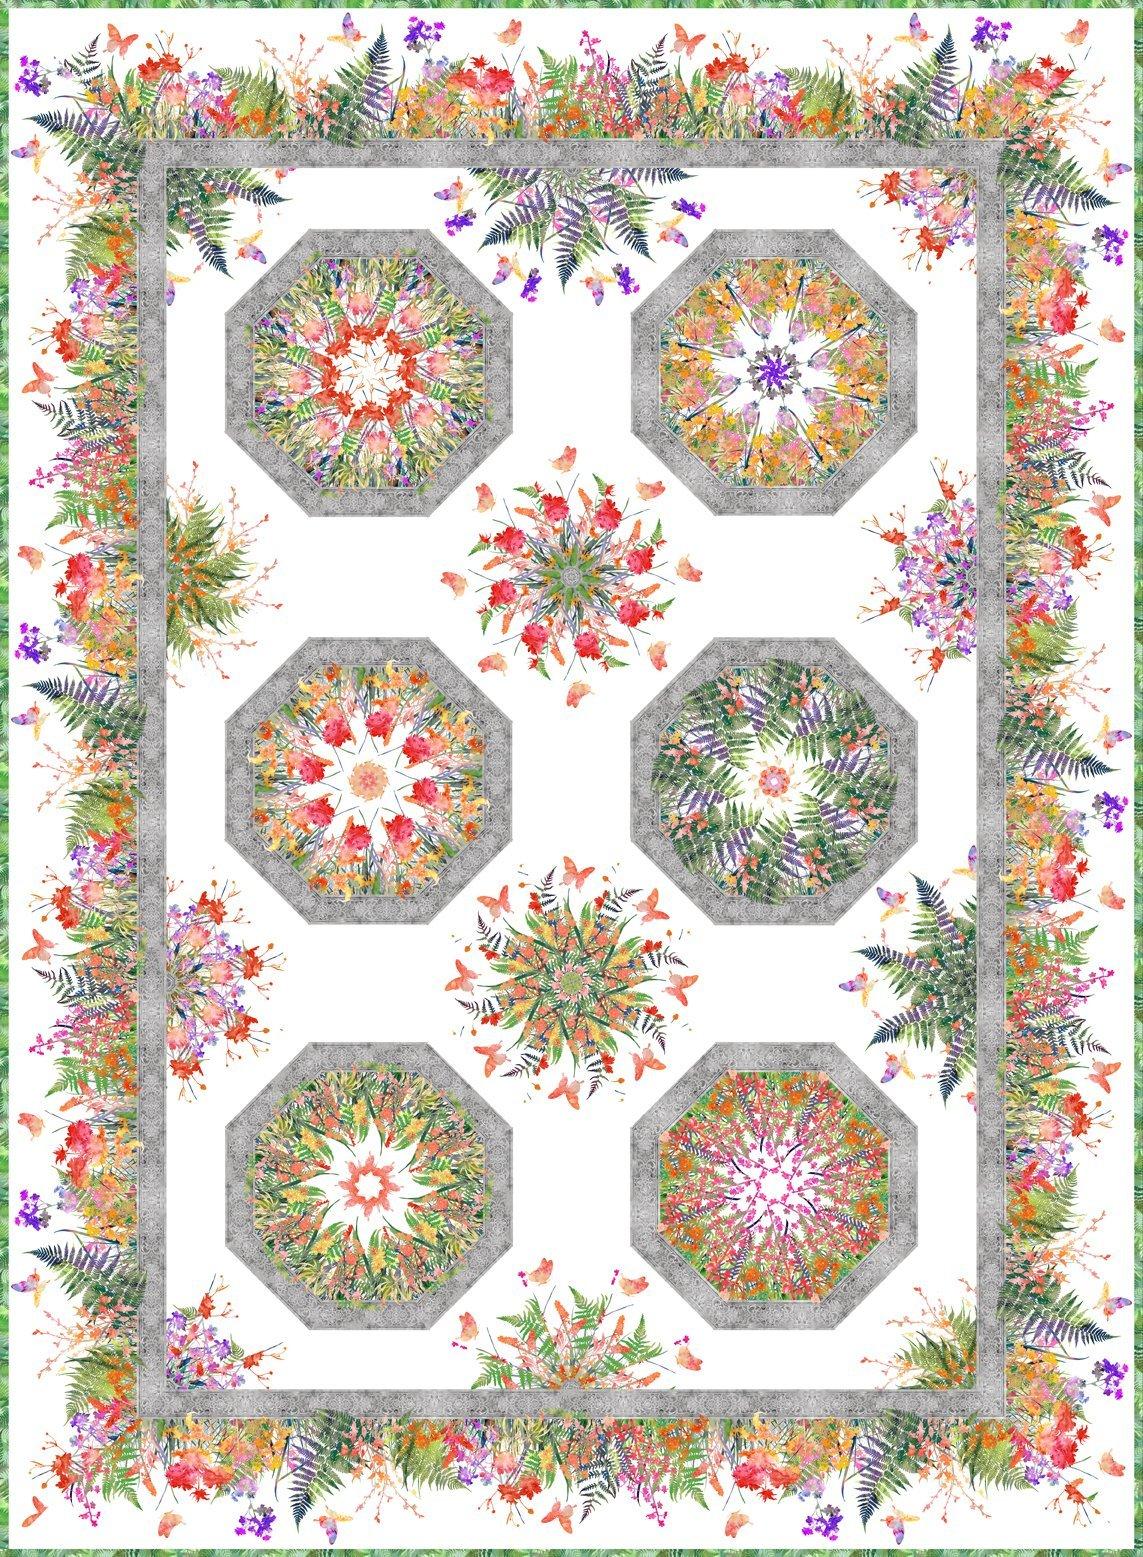 Garden of Dreams One Fabric Kaliedoscope Pattern